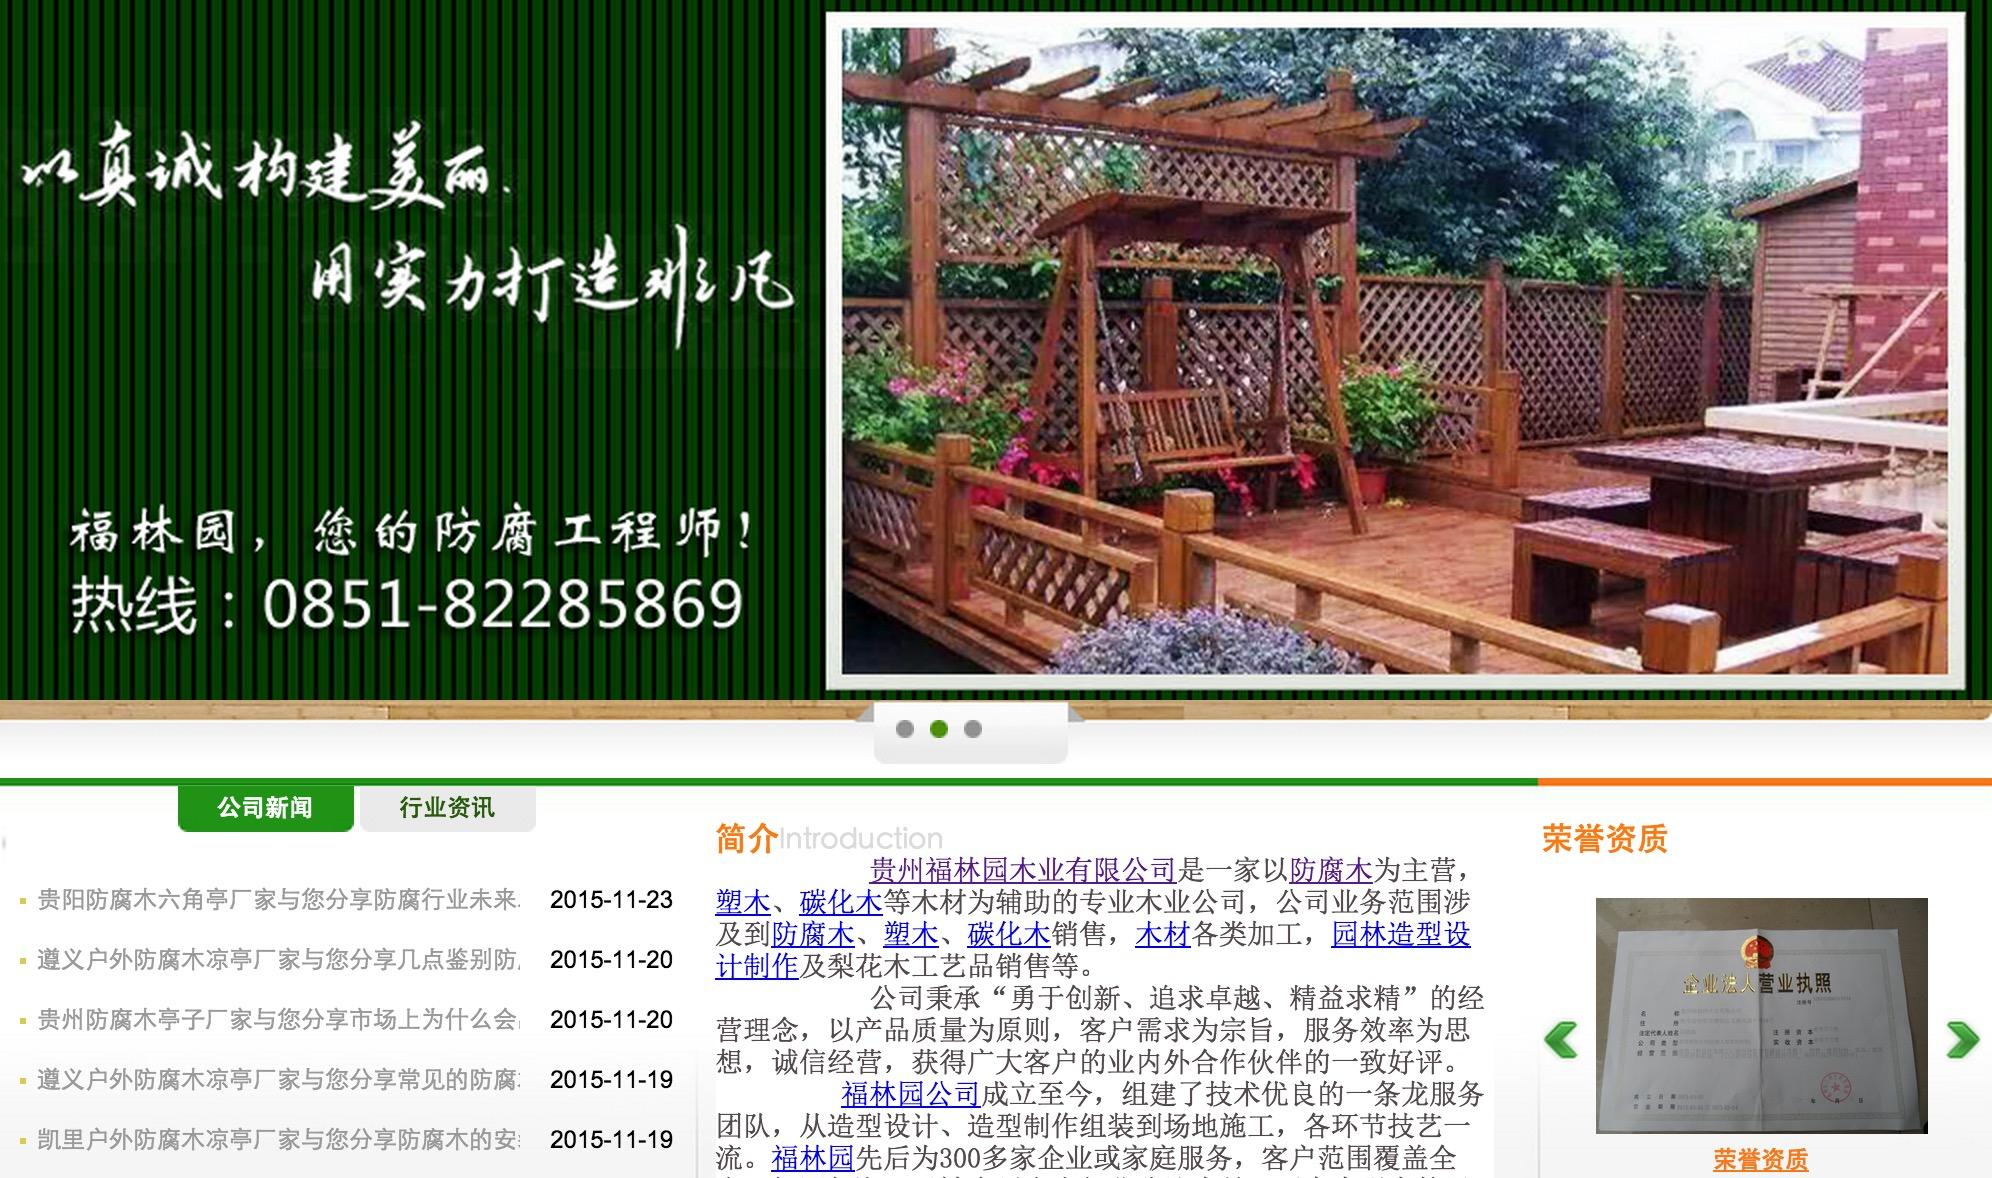 防腐木木业厂家与富海达成网络推广合作